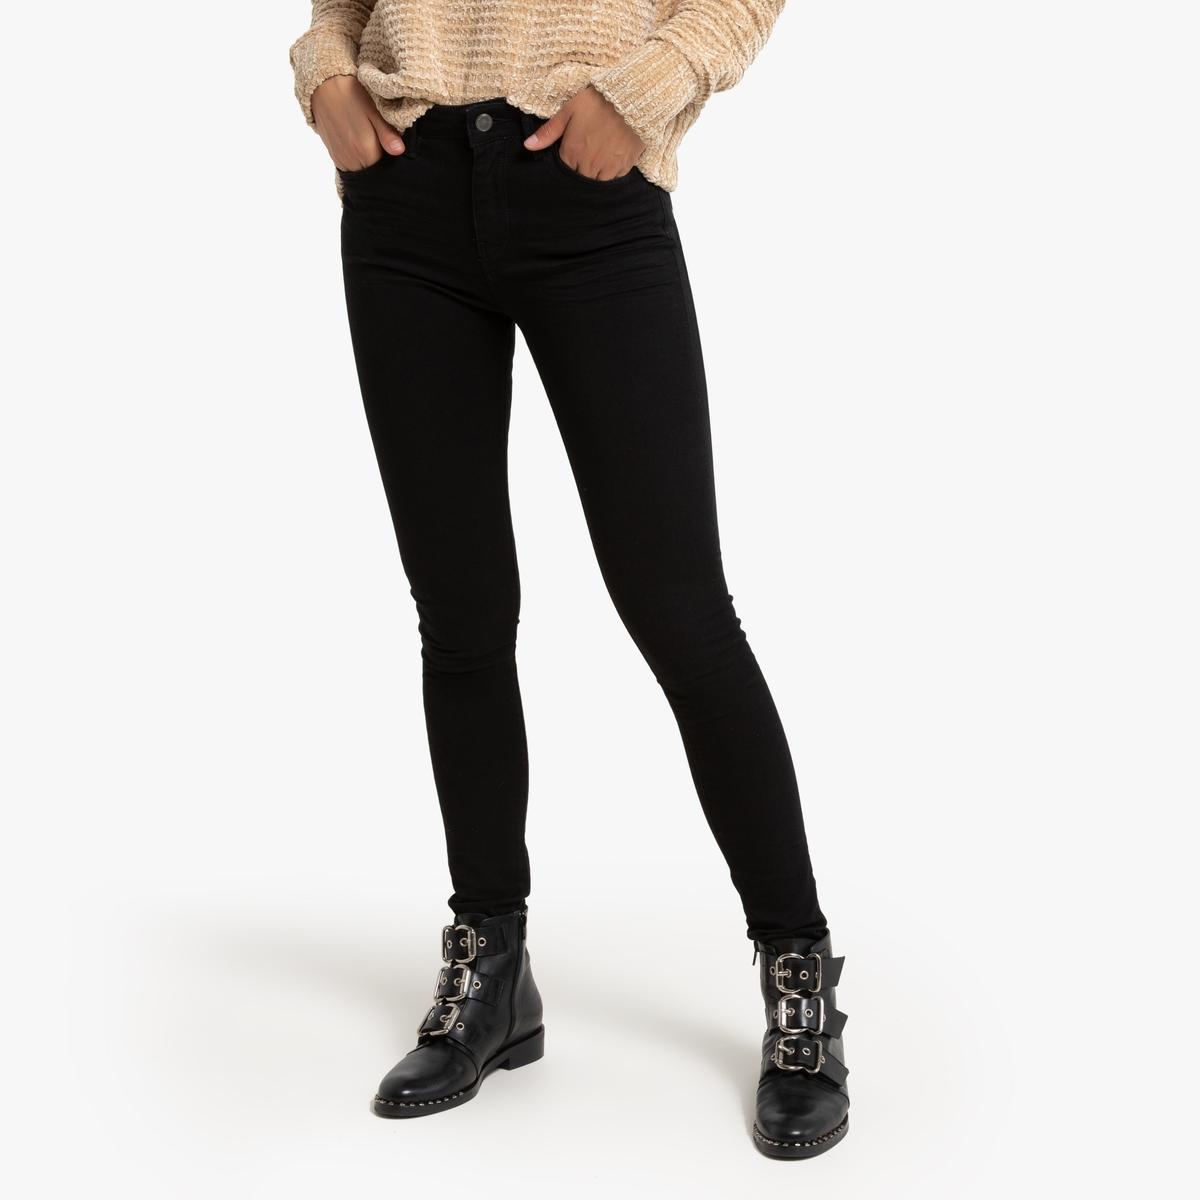 Джинсы La Redoute Скинни Jena 26 (US) - 42 (RUS) черный джинсы la redoute узкие wilda 26 us 42 rus черный